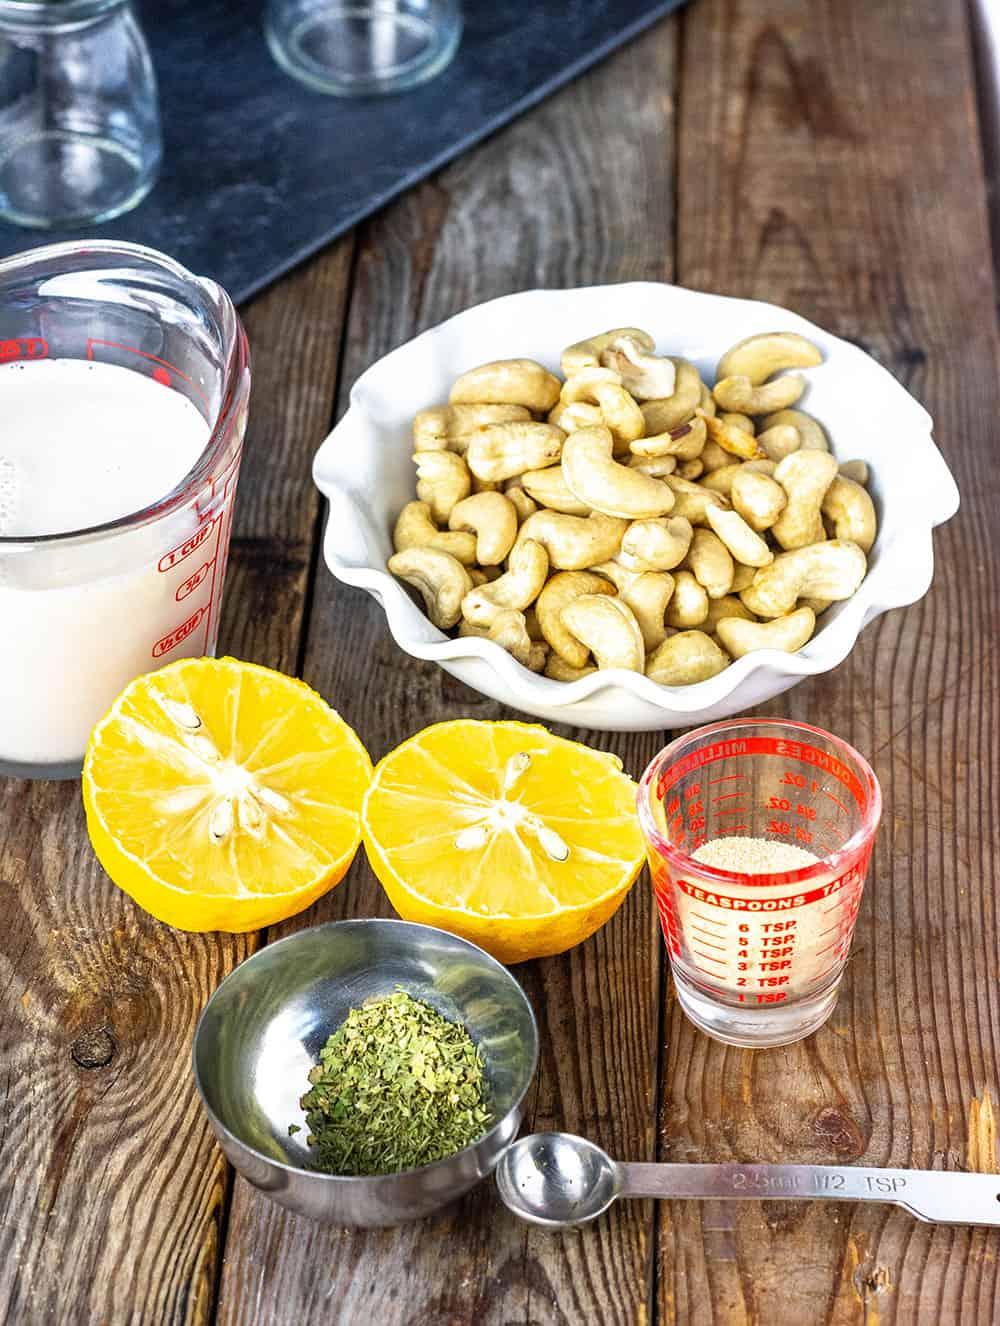 Vegan Ranch Dressing Recipe Ingredients